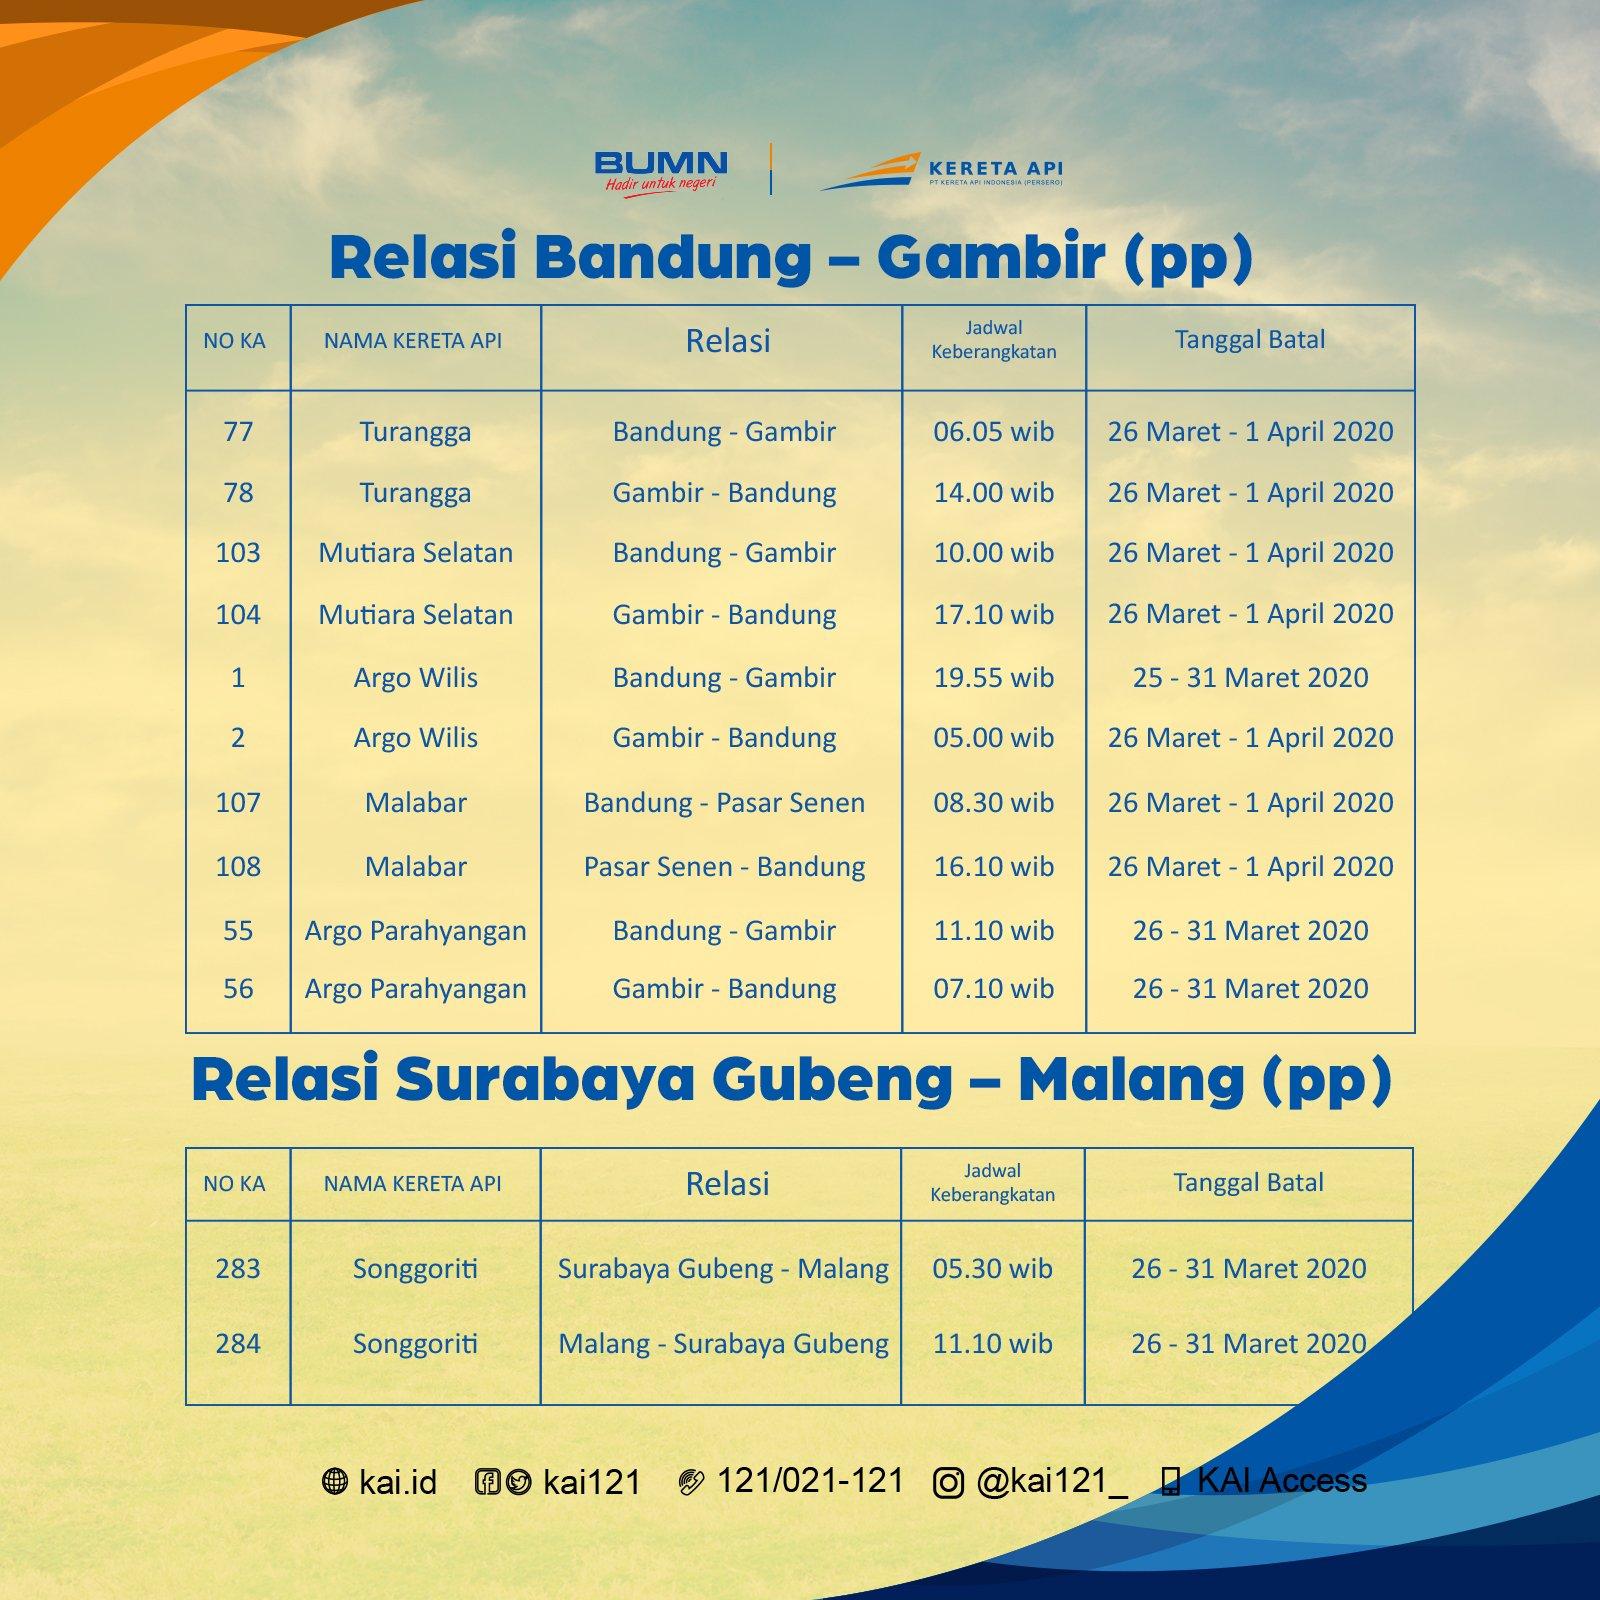 Jadwal perjalanan KA relasi Bandung-Gambir (PP) dan Relasi Surabaya Gubeng-Malang (PP) yang dibatalkan